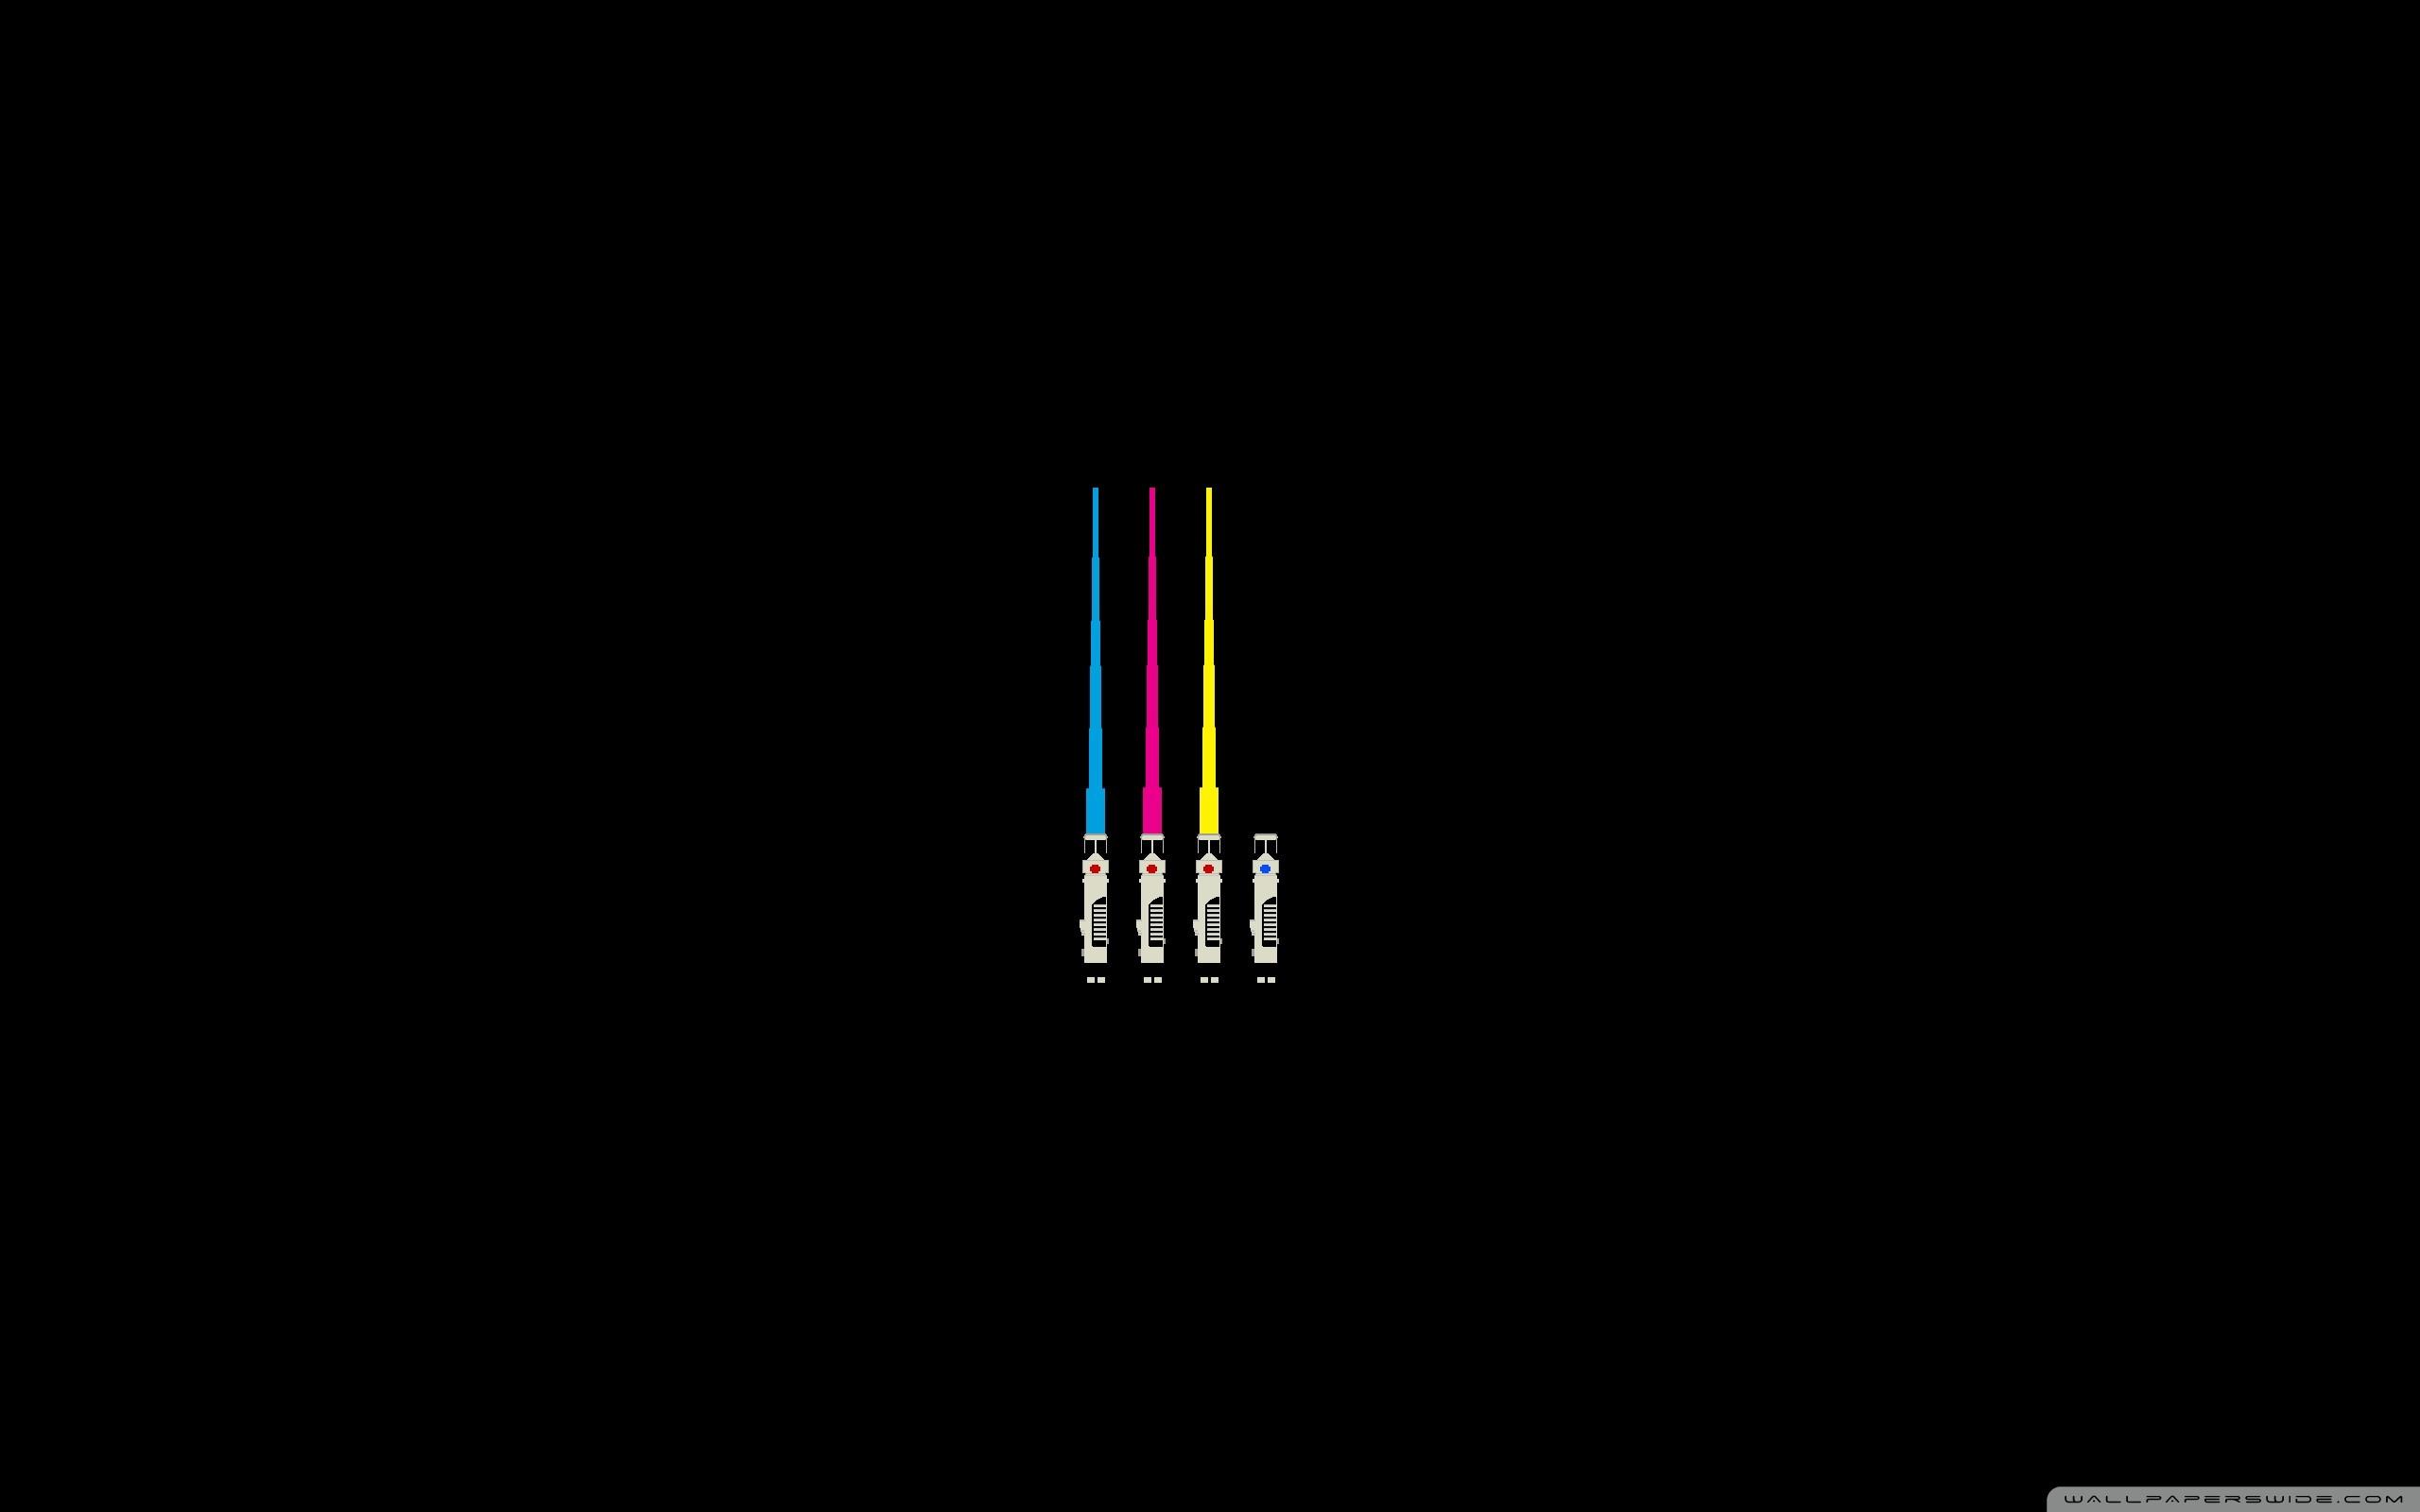 Lightsaber Iphone Wallpaper : Lightsabers hd desktop wallpaper : high  definition : fullscreen